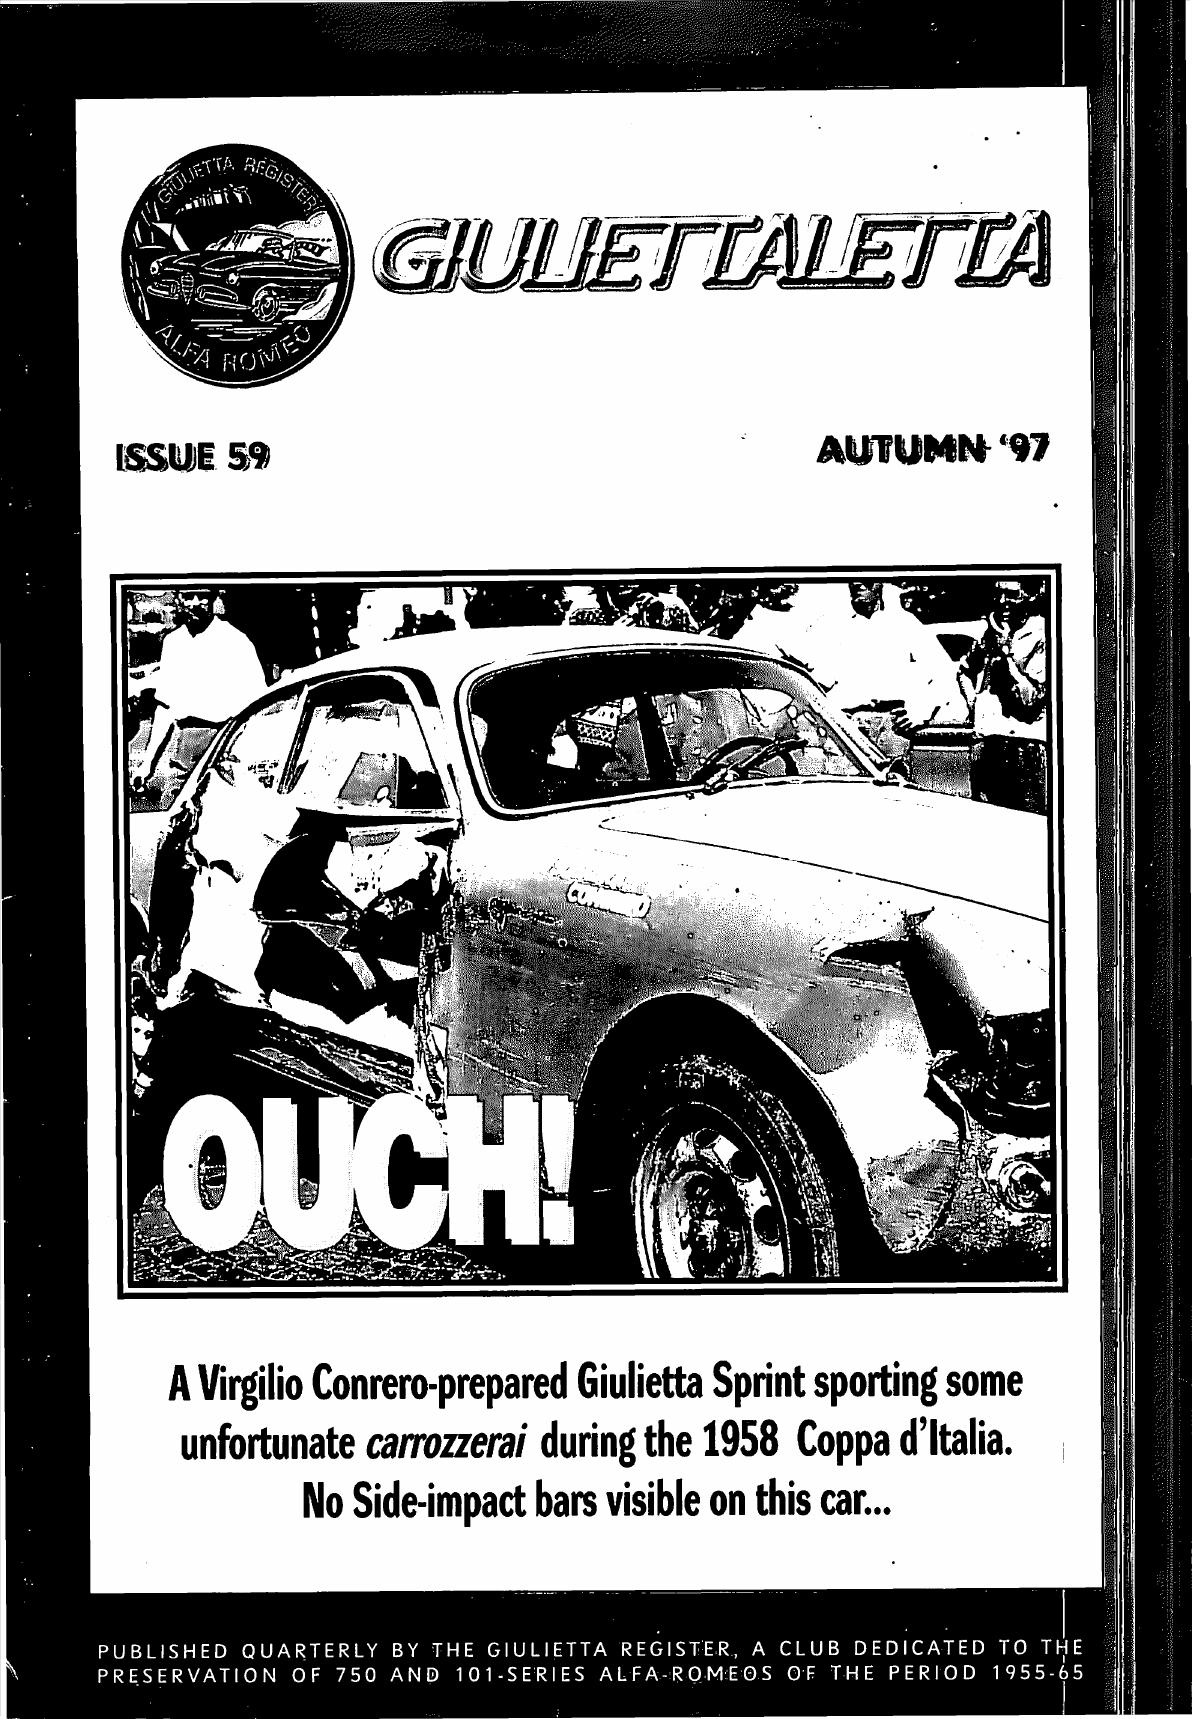 A Virgilio Conrero prepared Giulietta Sprint sporting